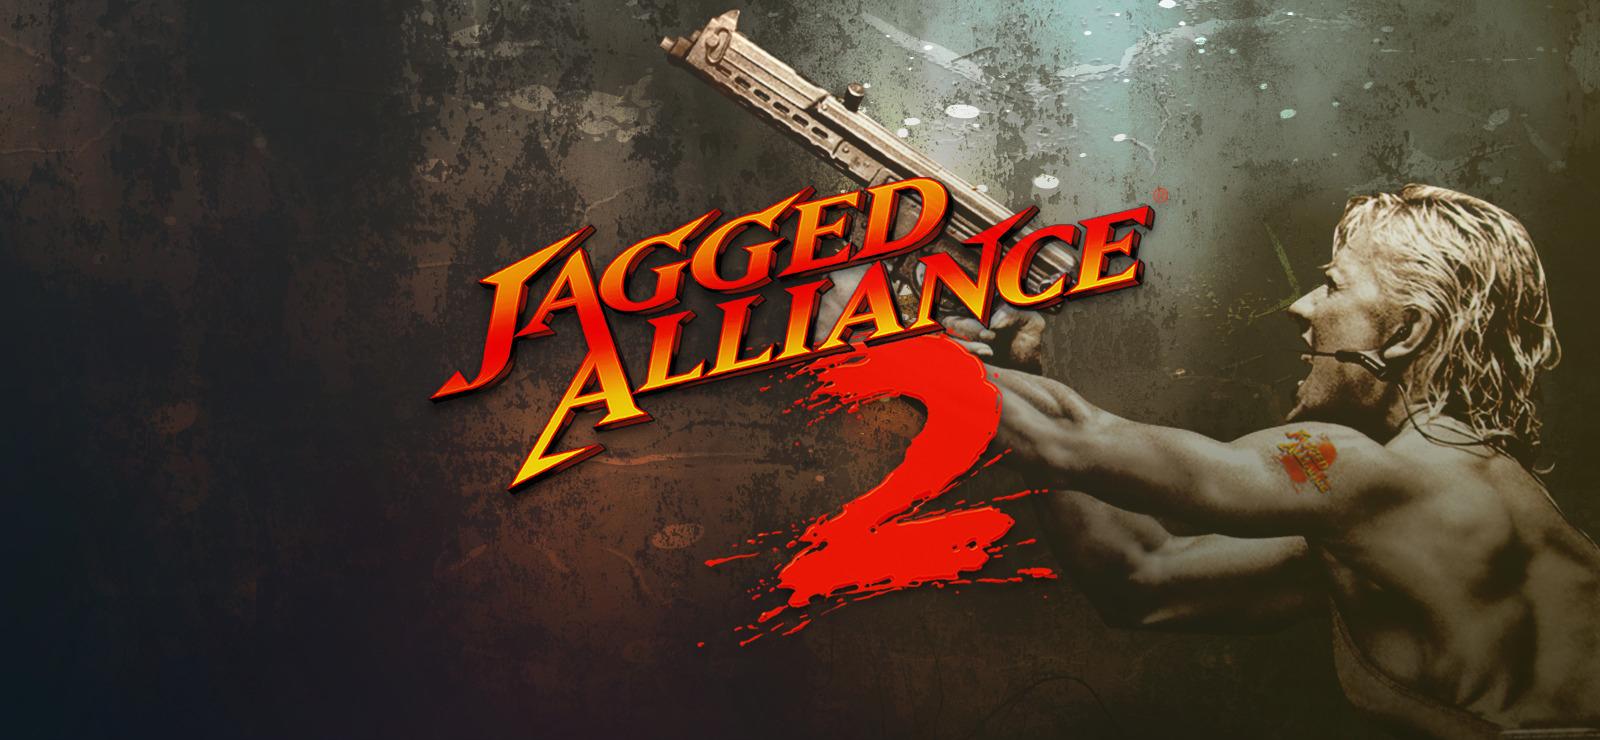 Elliot Sie Schwachkopf! - Jagged Alliance 2 für 1,69€ und Jagged Alliance 1 für 0,99€ bei GOG